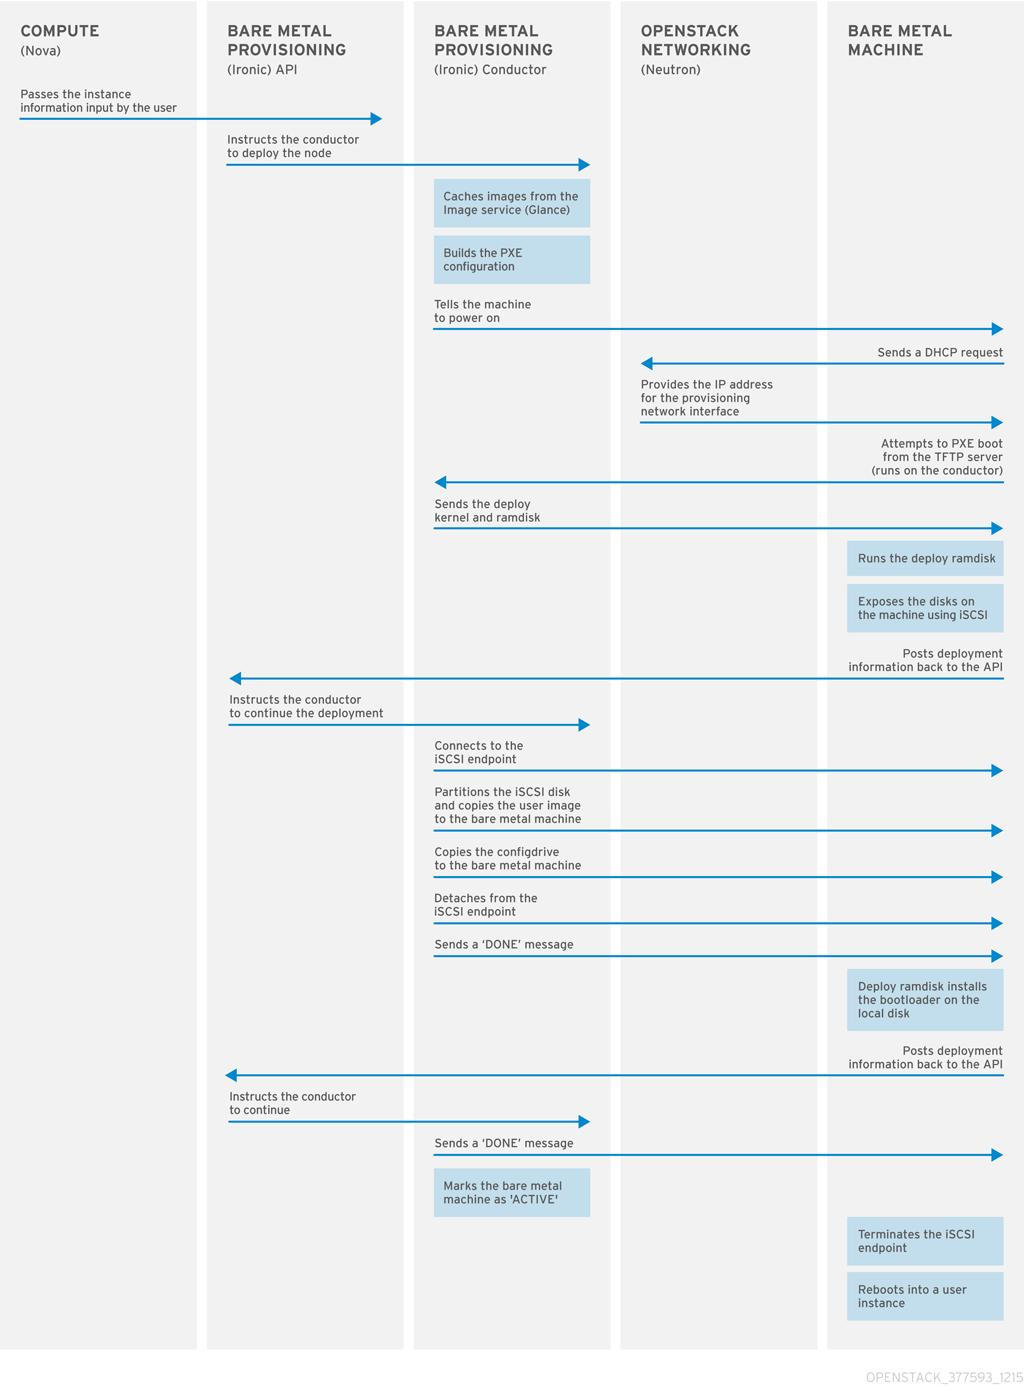 https://access.redhat.com/webassets/avalon/d/Red_Hat_Enterprise_Linux_OpenStack_Platform-7-Bare_Metal_Provisioning-en-US/images/PXE_Provisioning.png